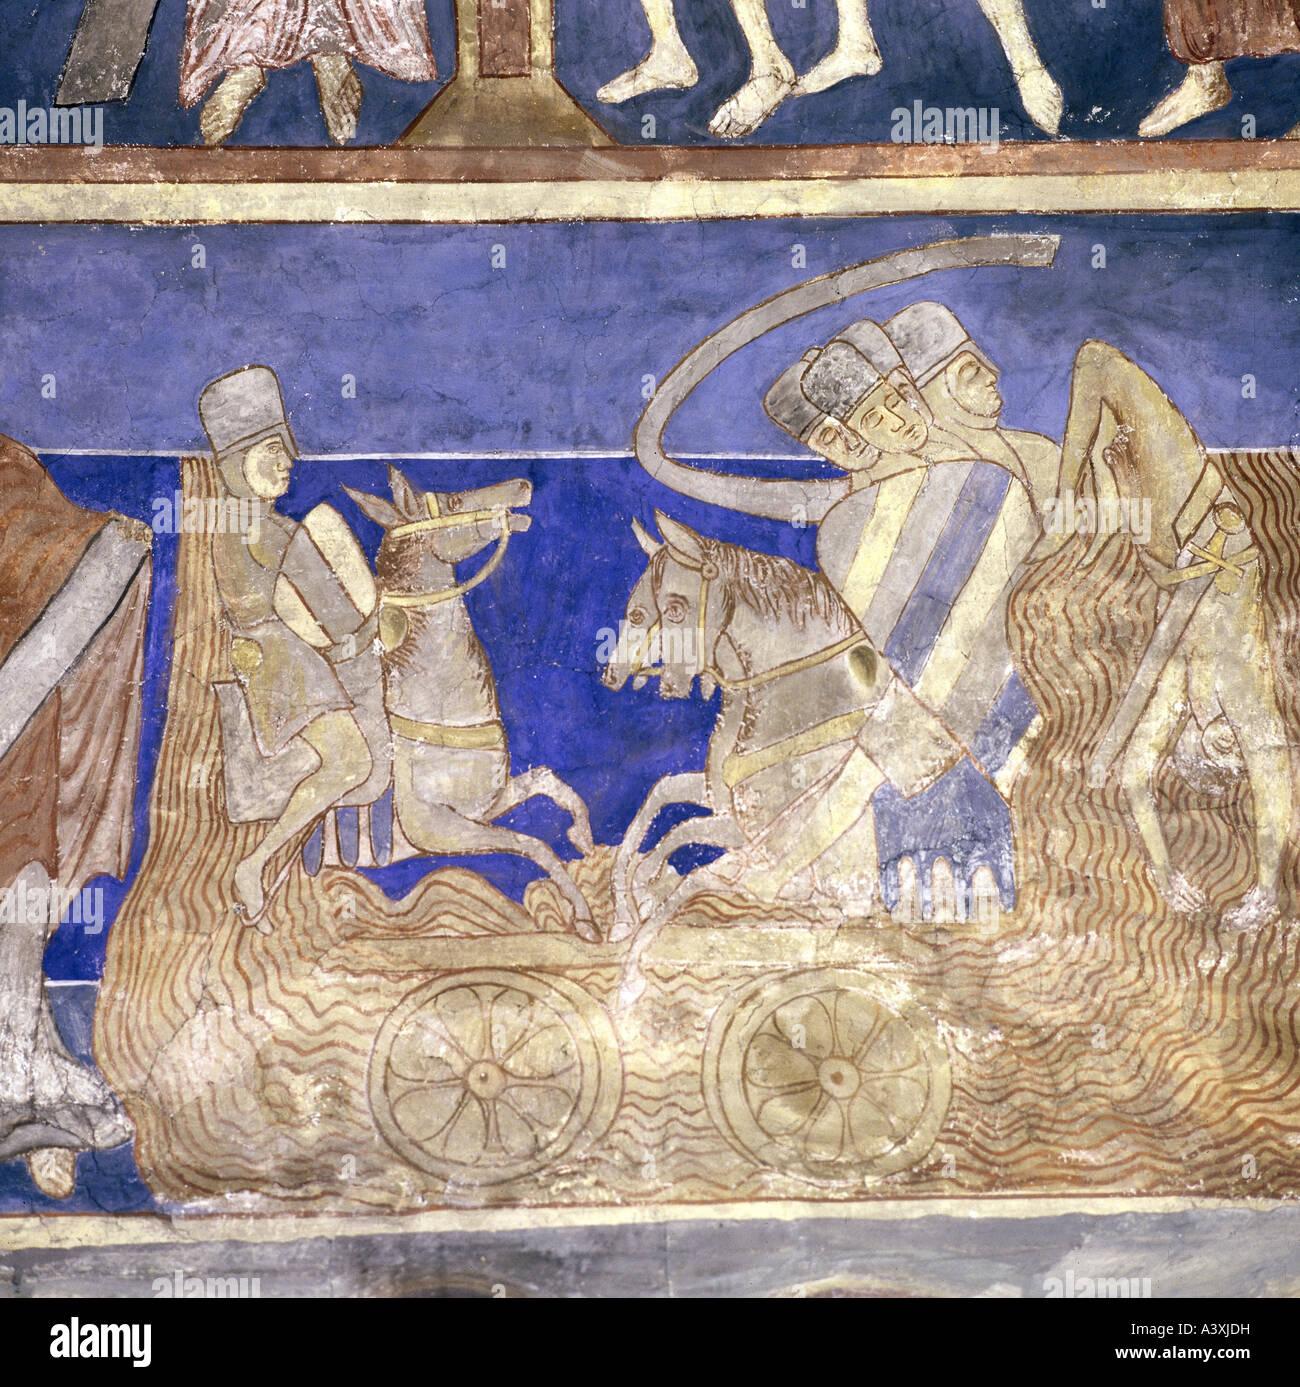 Belle arti, l'arte religiosa, scene bibliche, estraibile degli Egiziani nel Mar Rosso, pittura, affresco del Immagini Stock